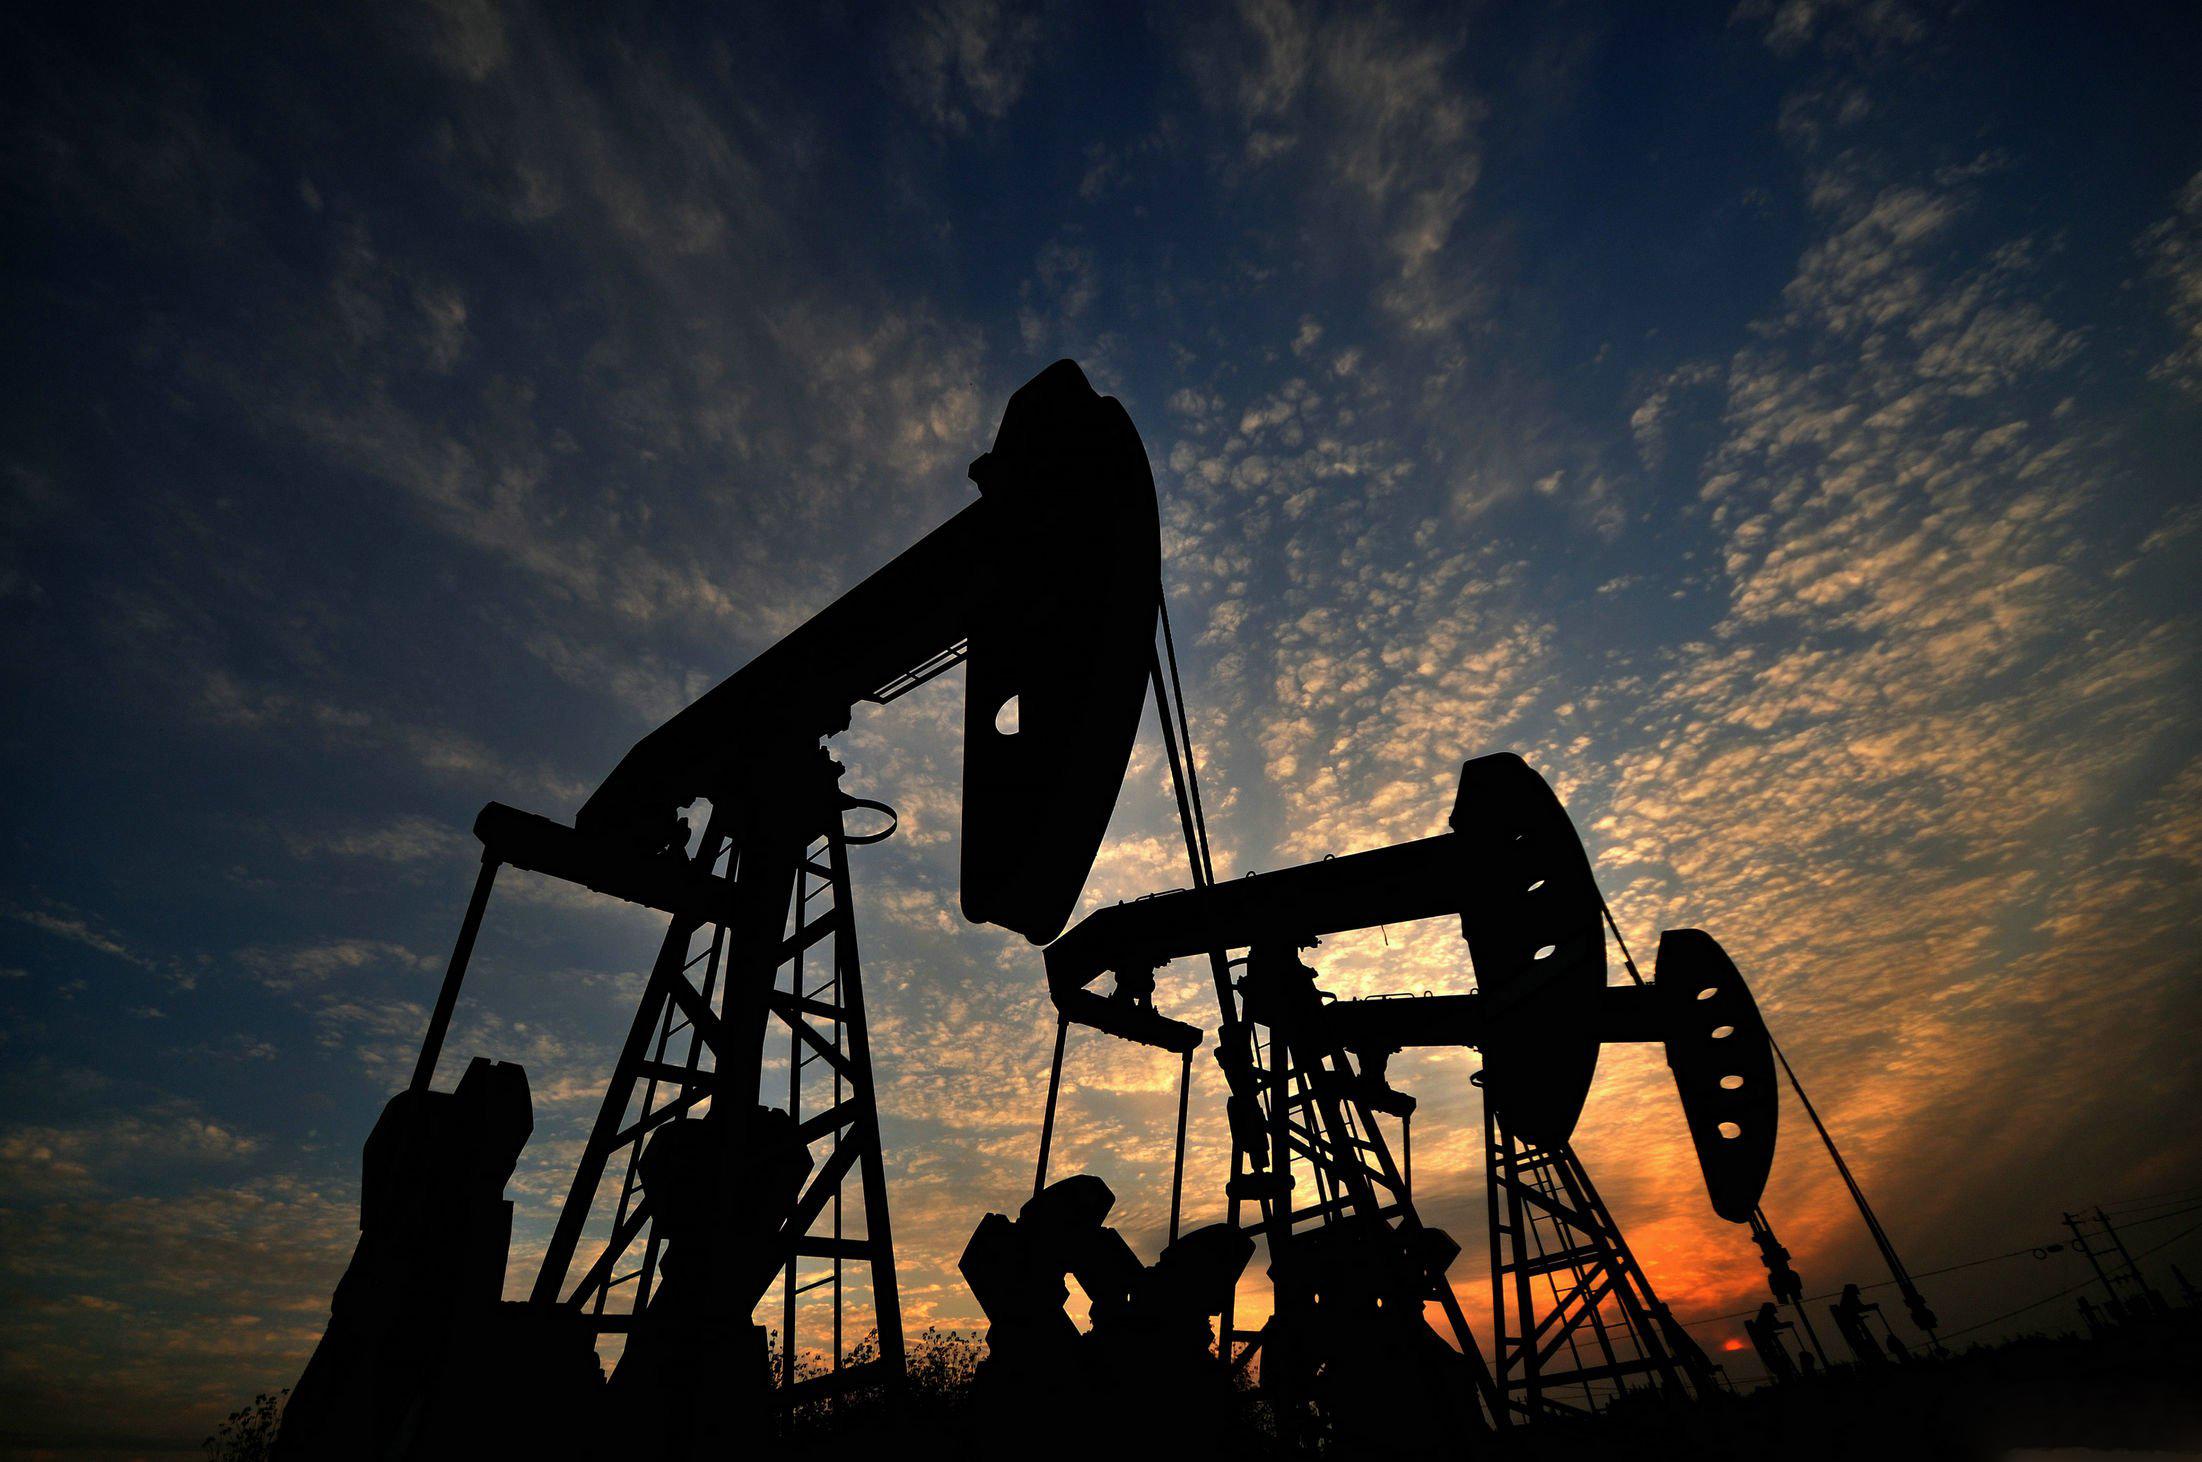 油价最新走势 原油近期大幅波动 国际油价今年可能走 l 型